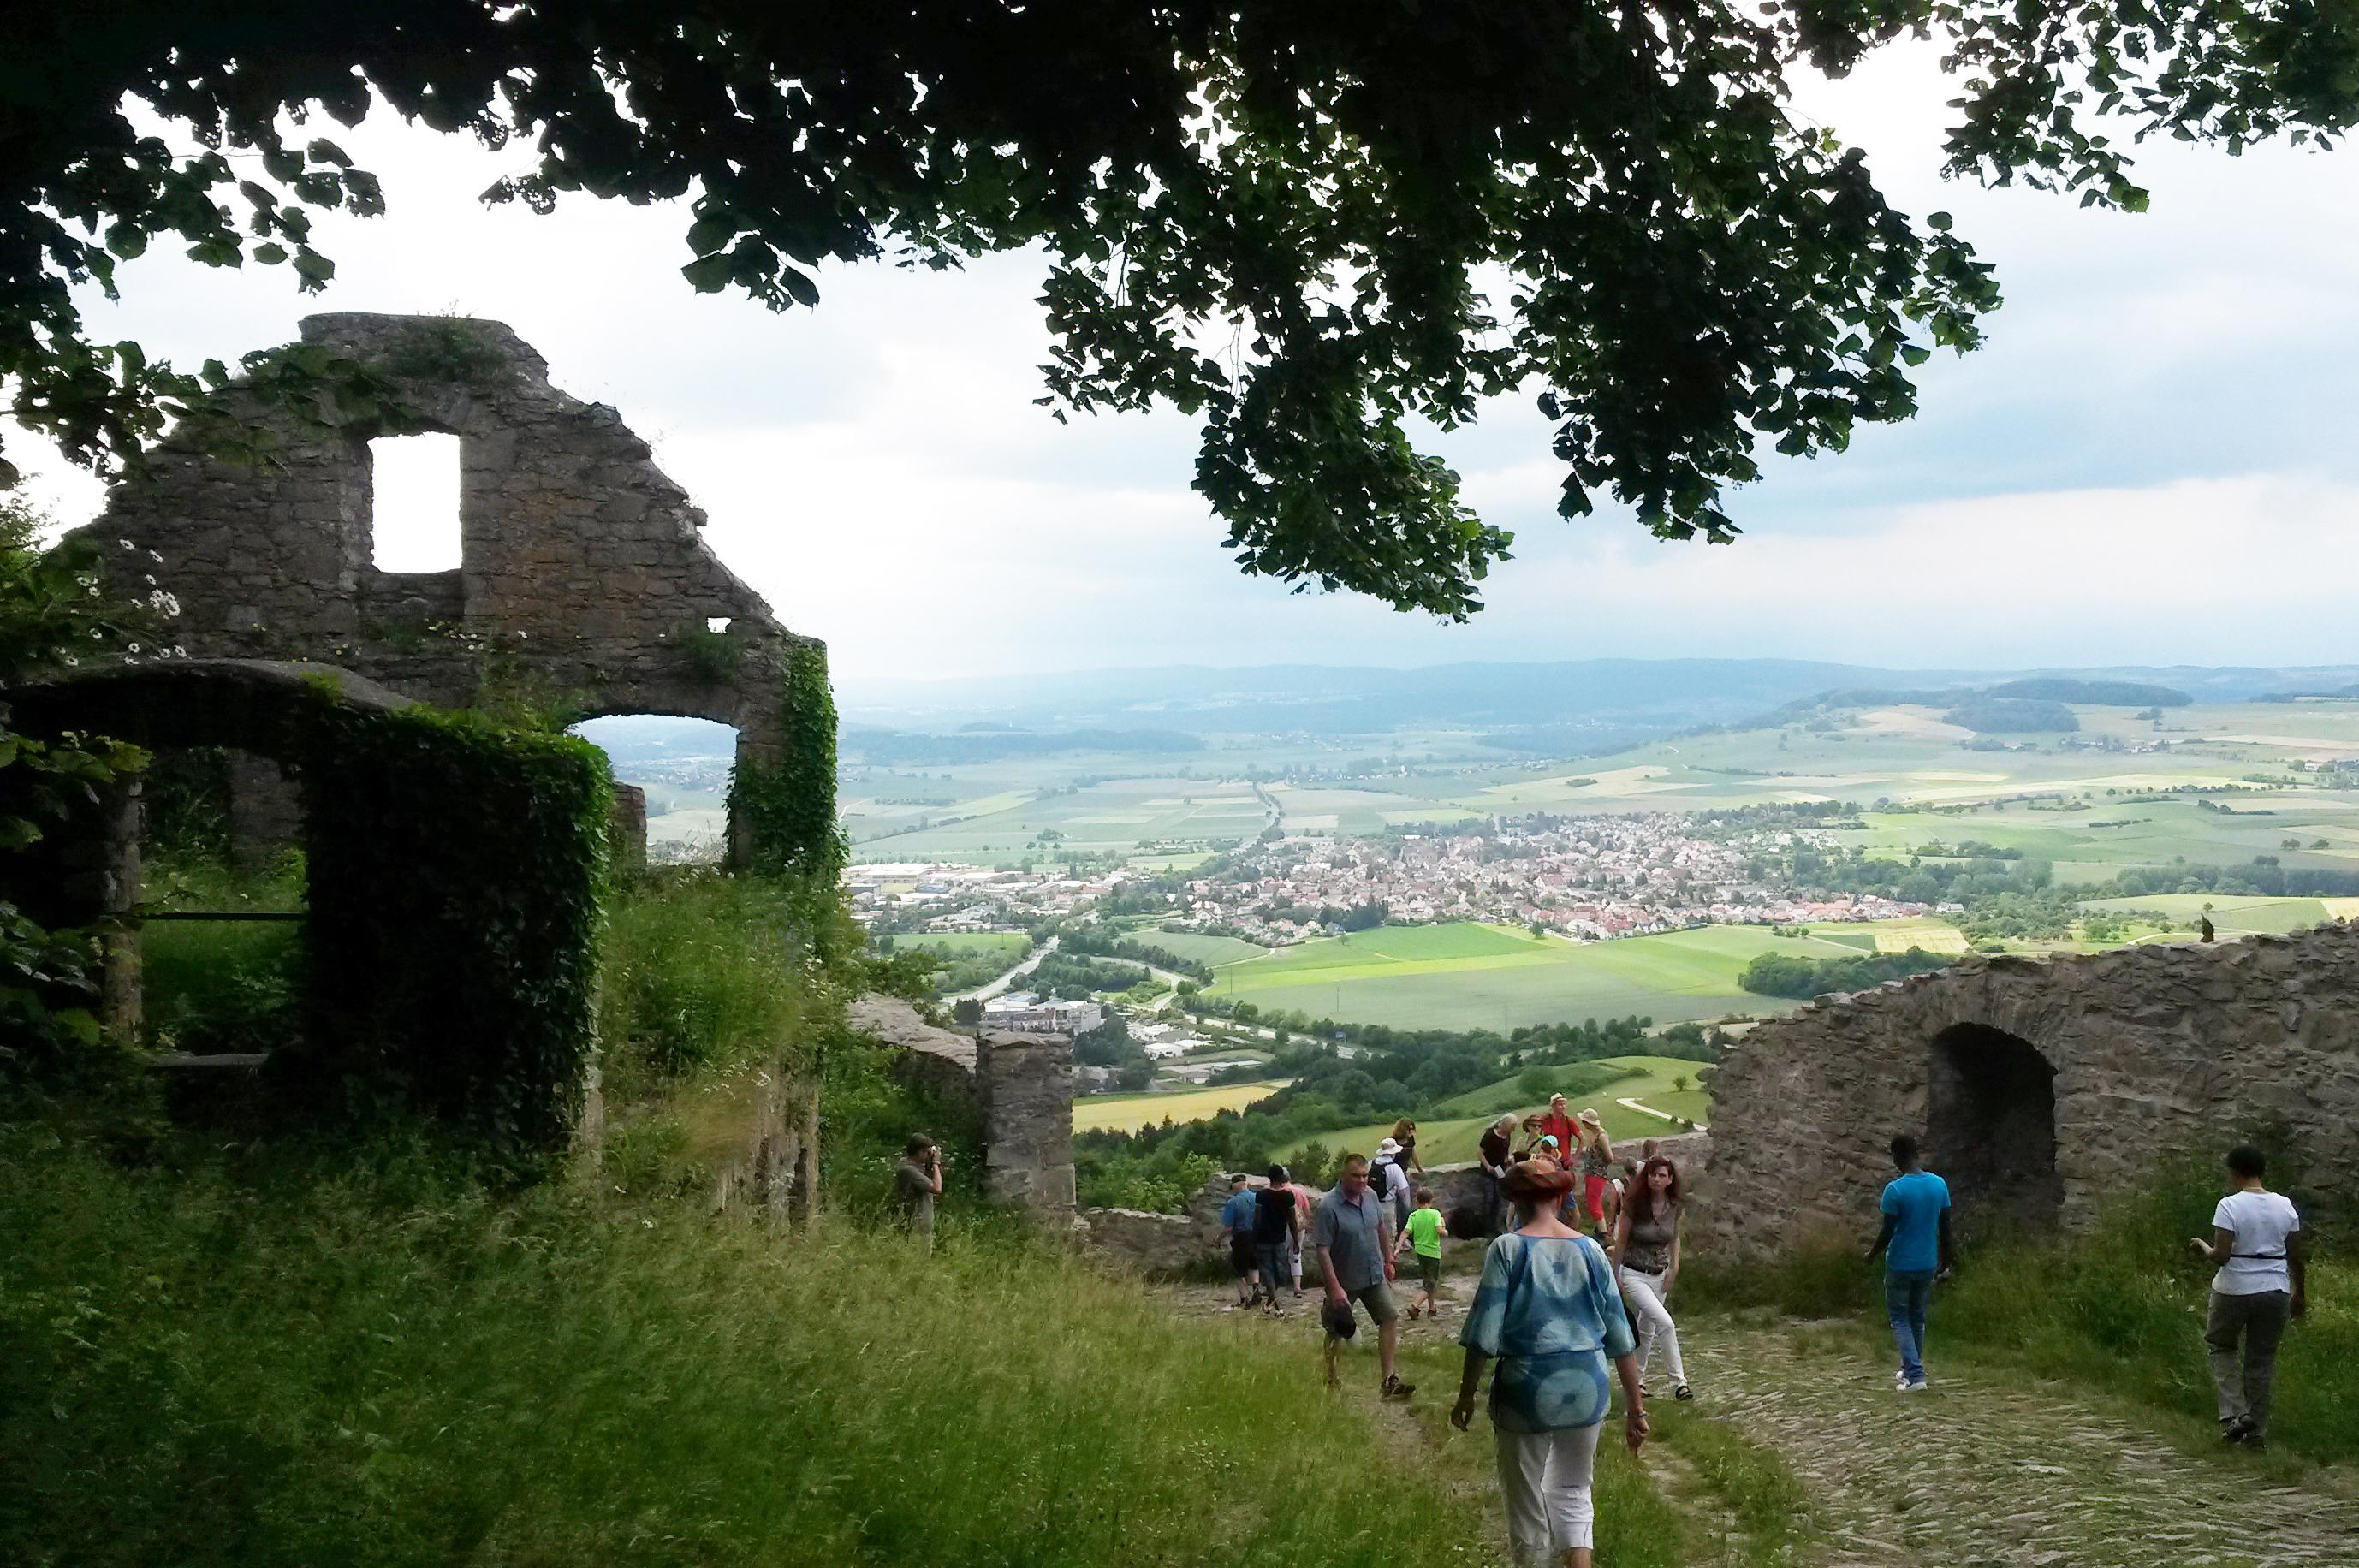 Festungsruine Hohentwiel, Besucher am Hohentwiel Tag; Foto: Staatsanzeiger für Baden-Württemberg GmbH, Cornelia Lindenberg